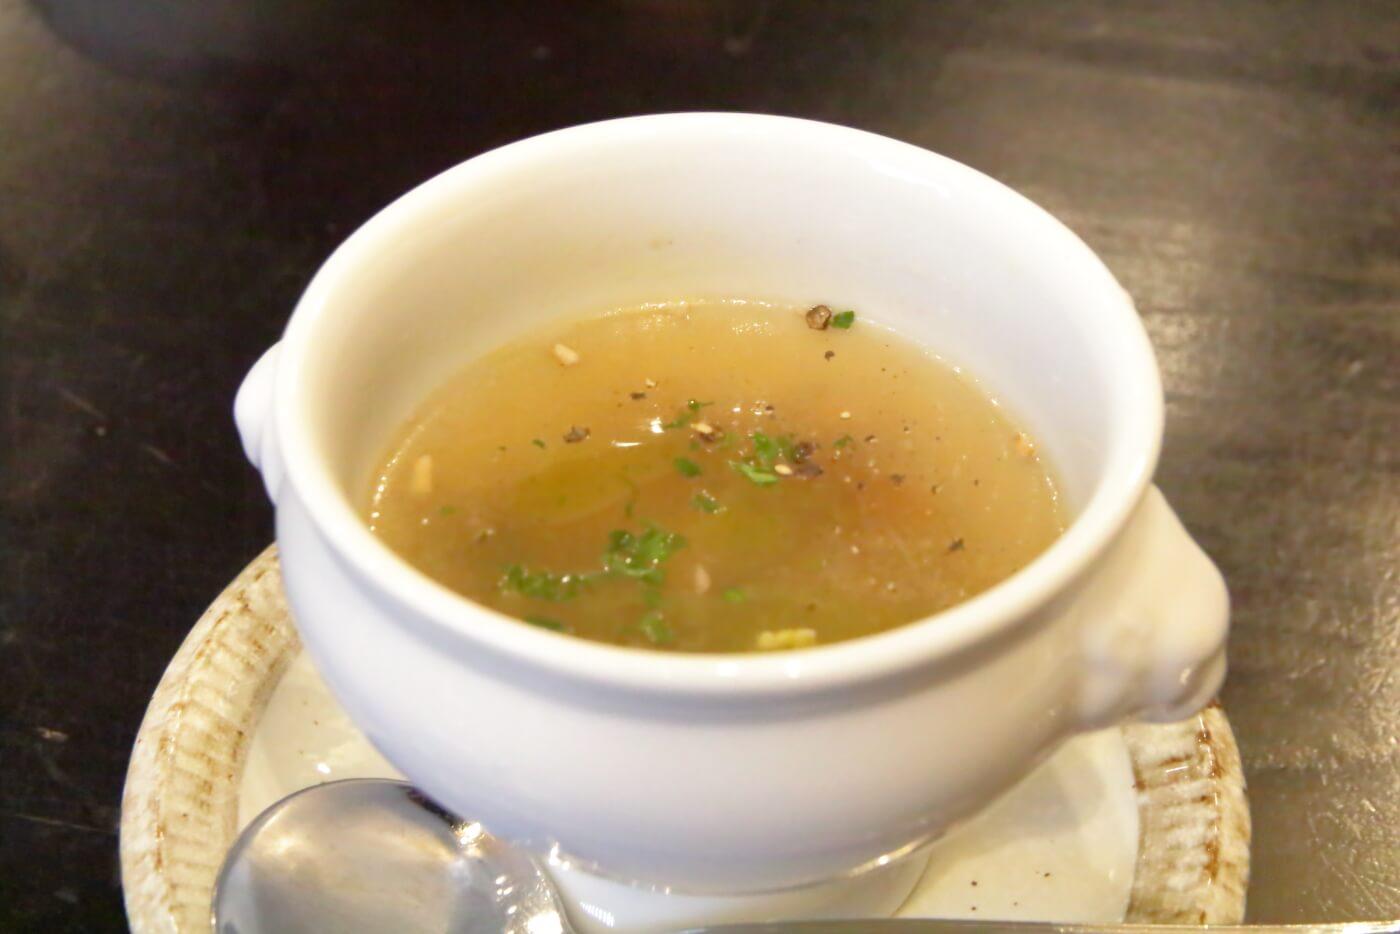 高知市ルビストロタシマ ランチのスープ